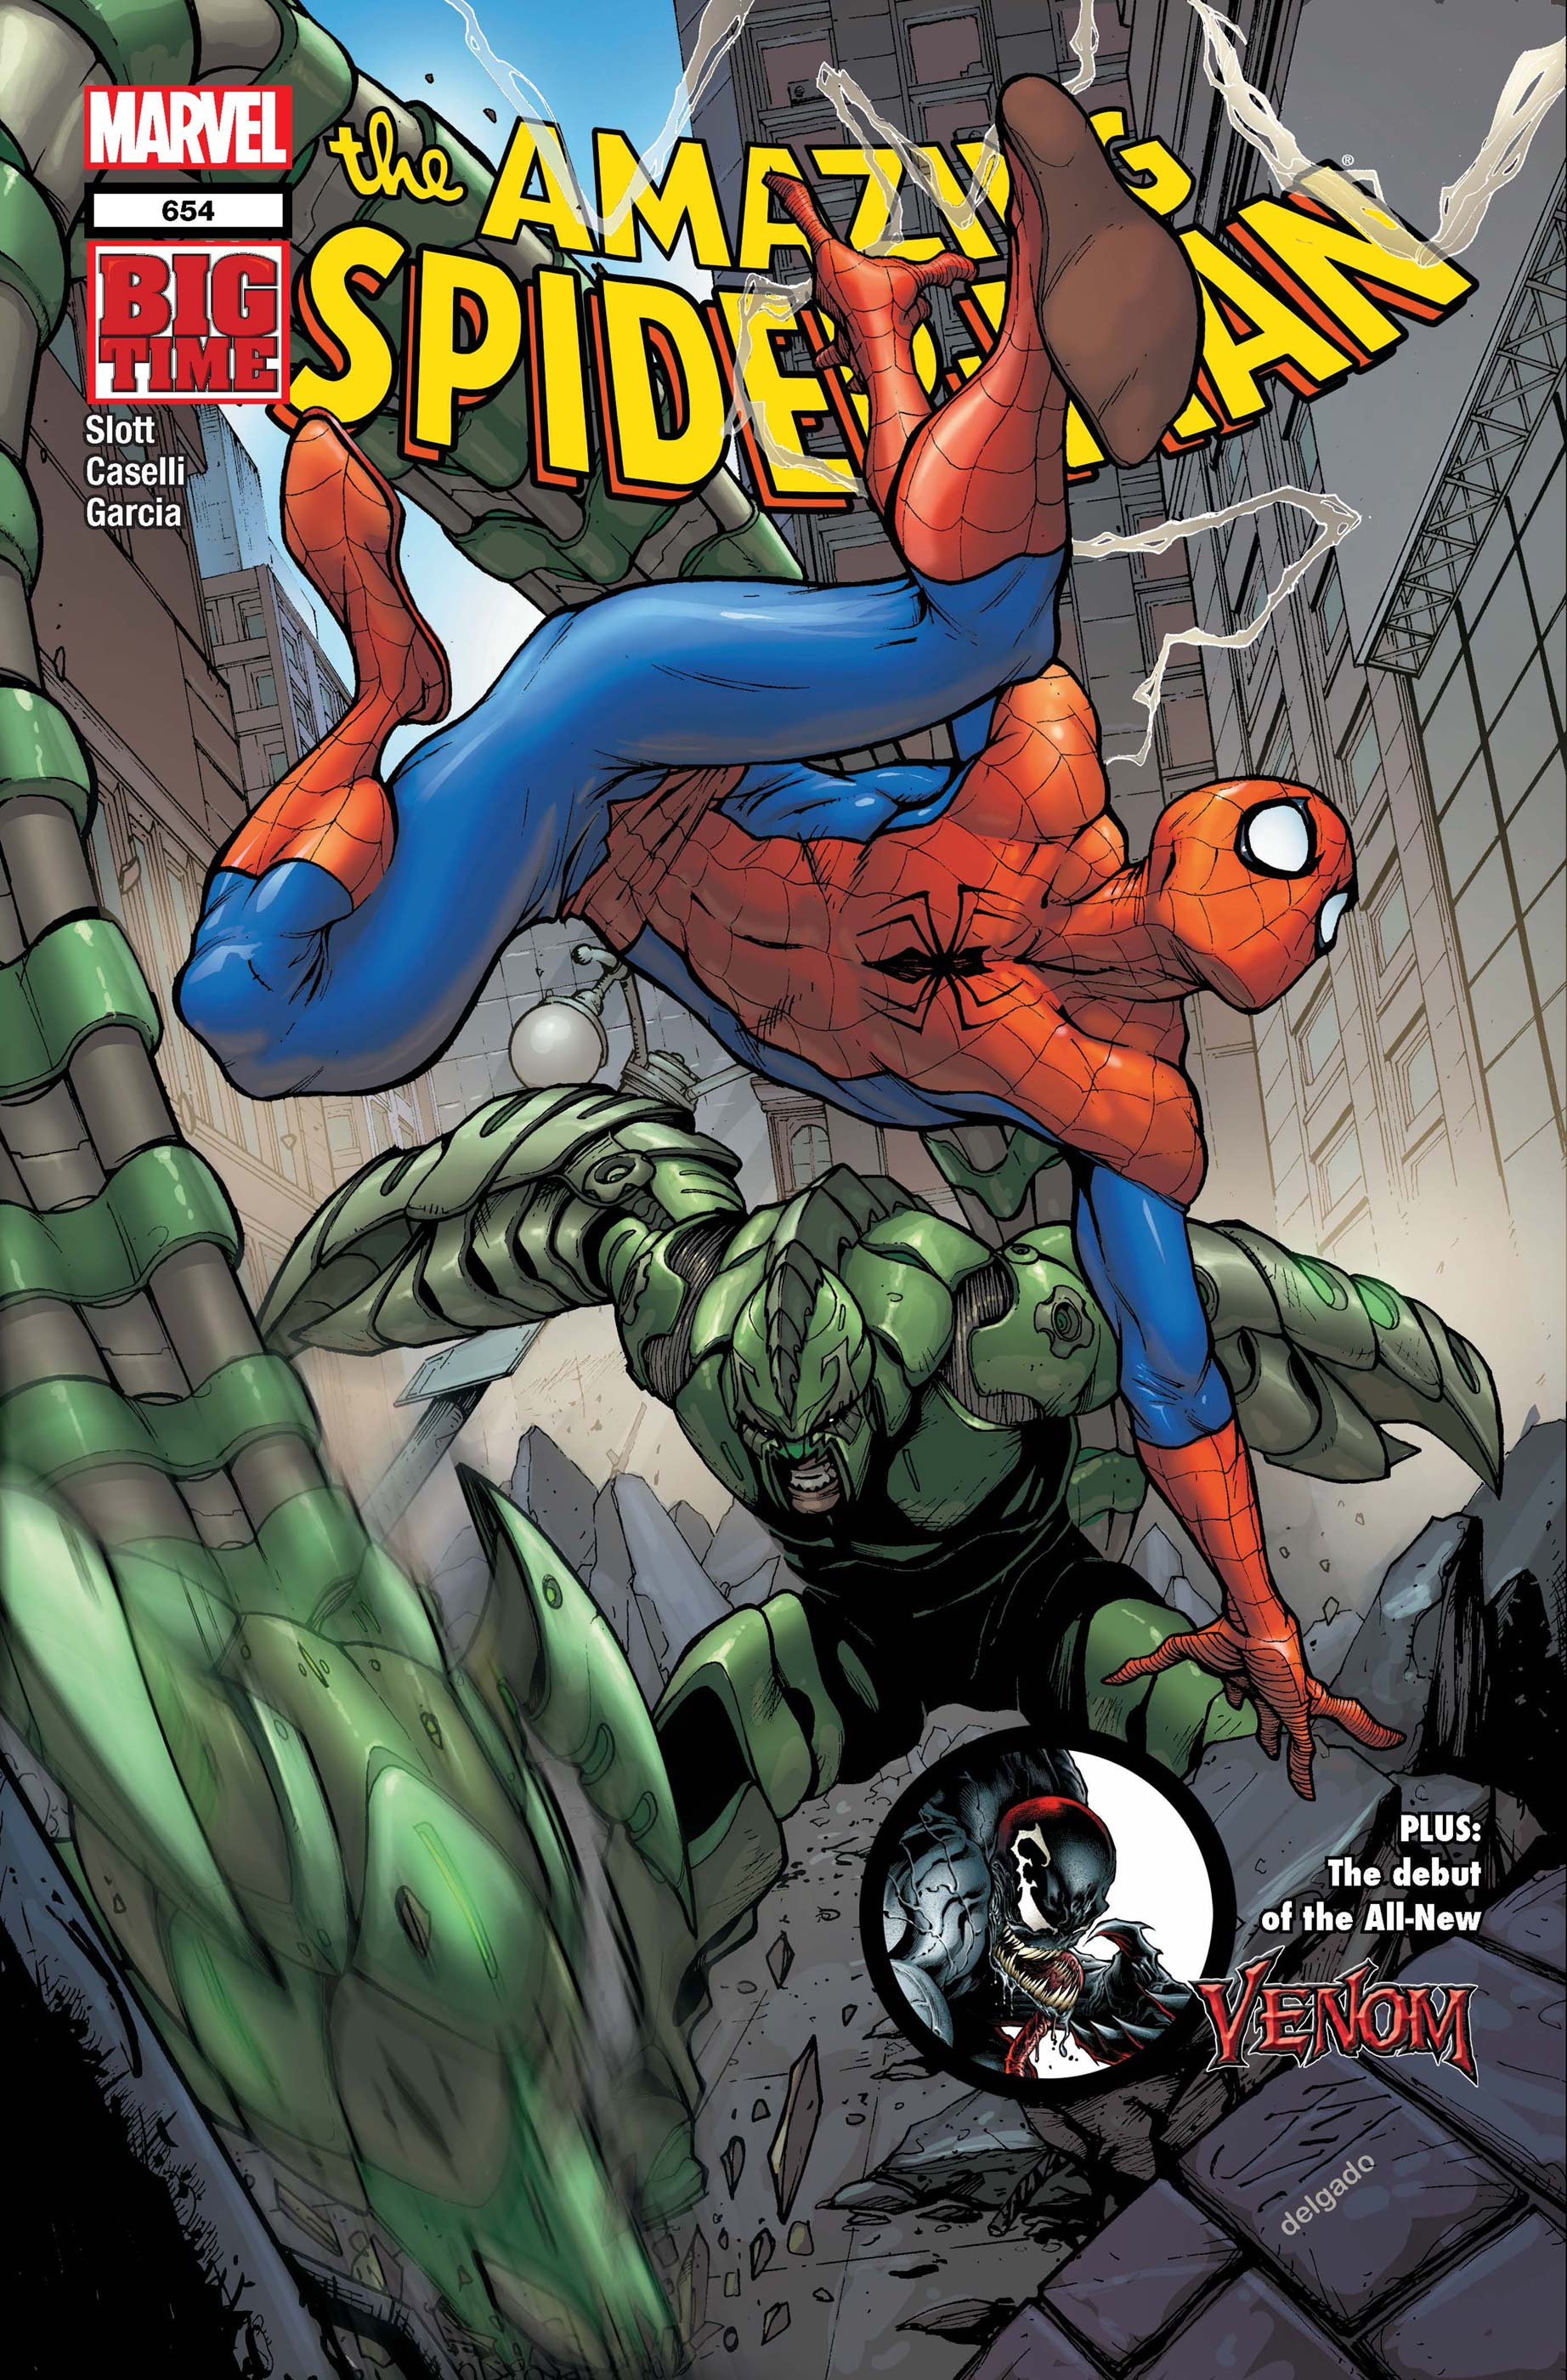 Amazing Spider-Man (1999) #654